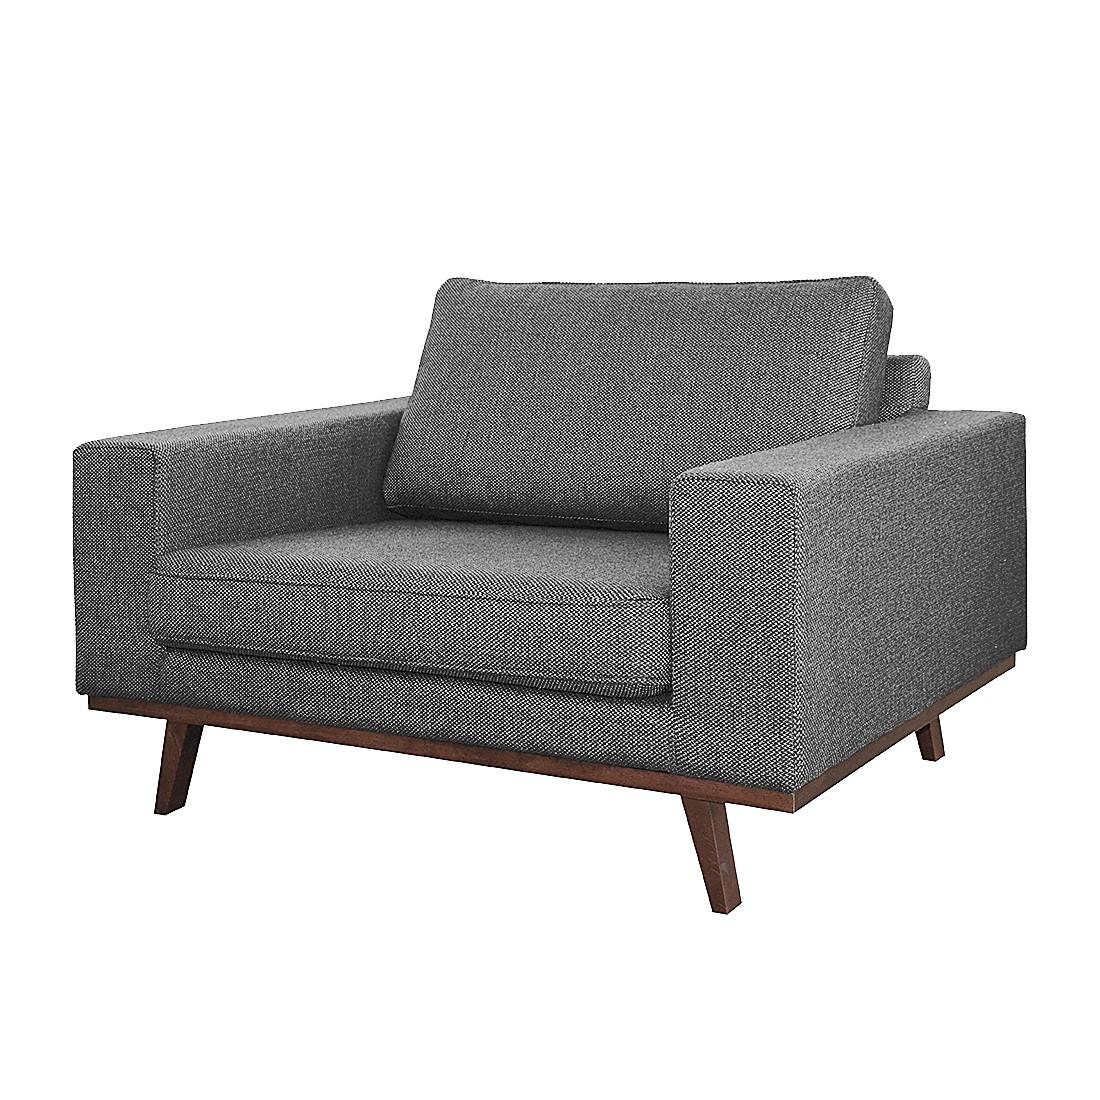 sessel archives. Black Bedroom Furniture Sets. Home Design Ideas